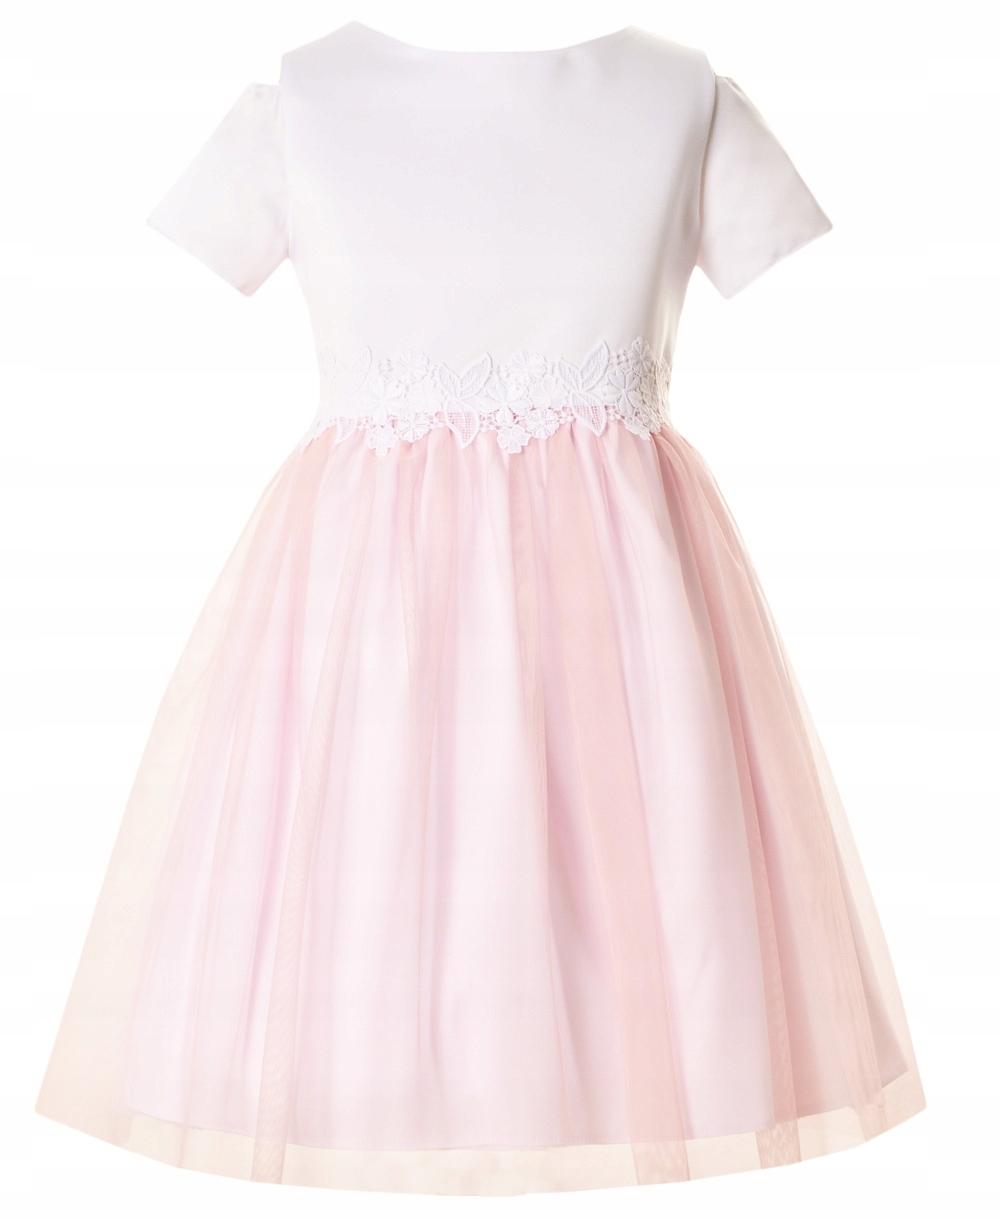 670552cf Sukienka dla dziewczynki Wesele Komunia Nowość 146 - 7816278997 ...